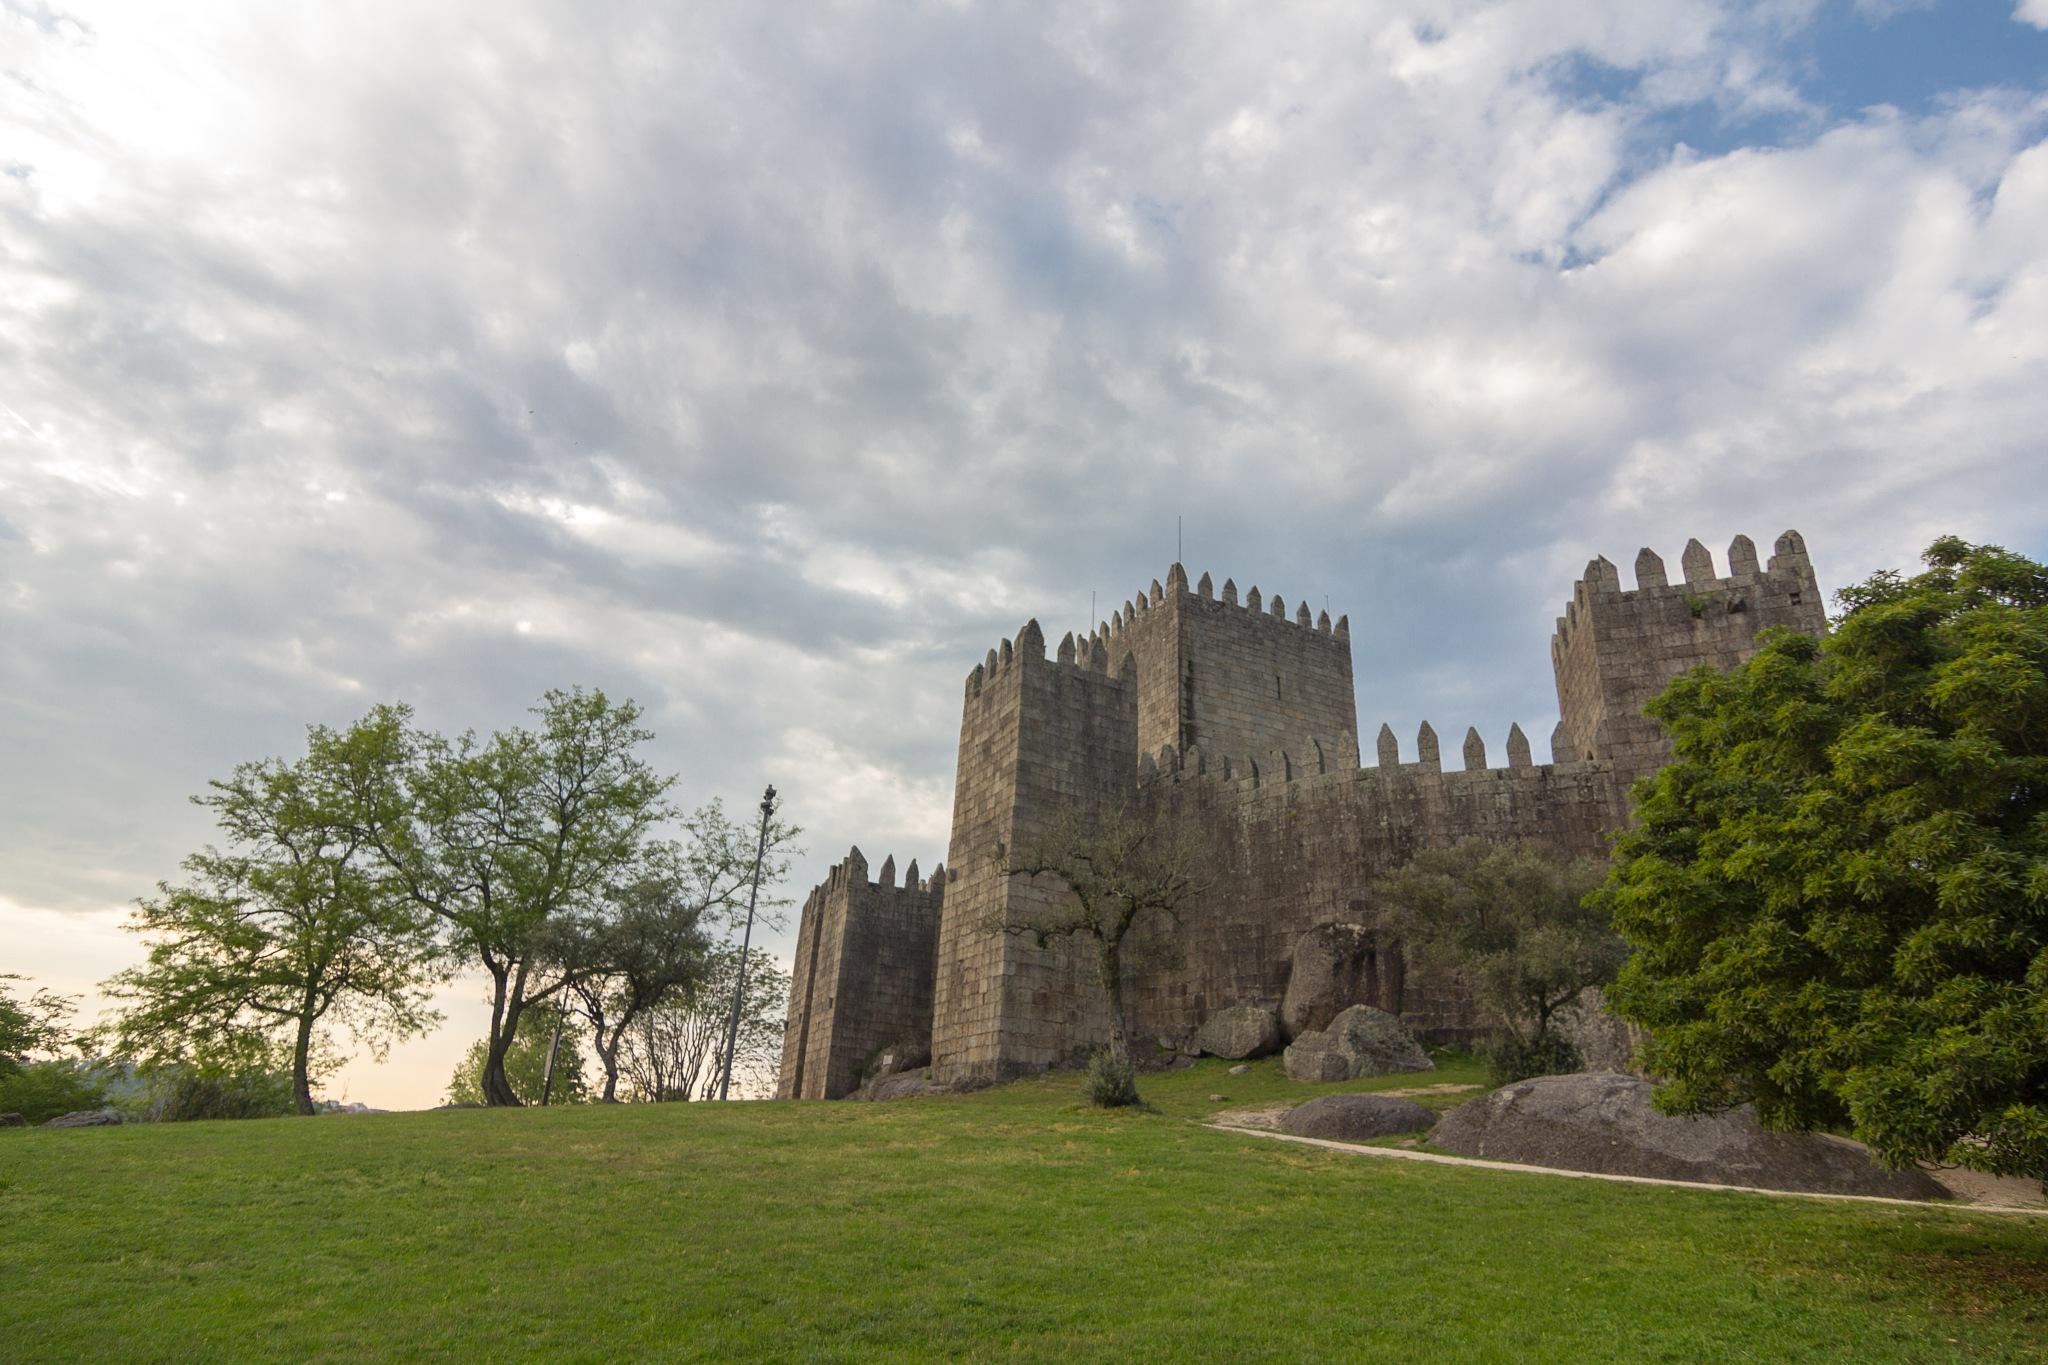 Castle of Guimarães by Rui Medeiros